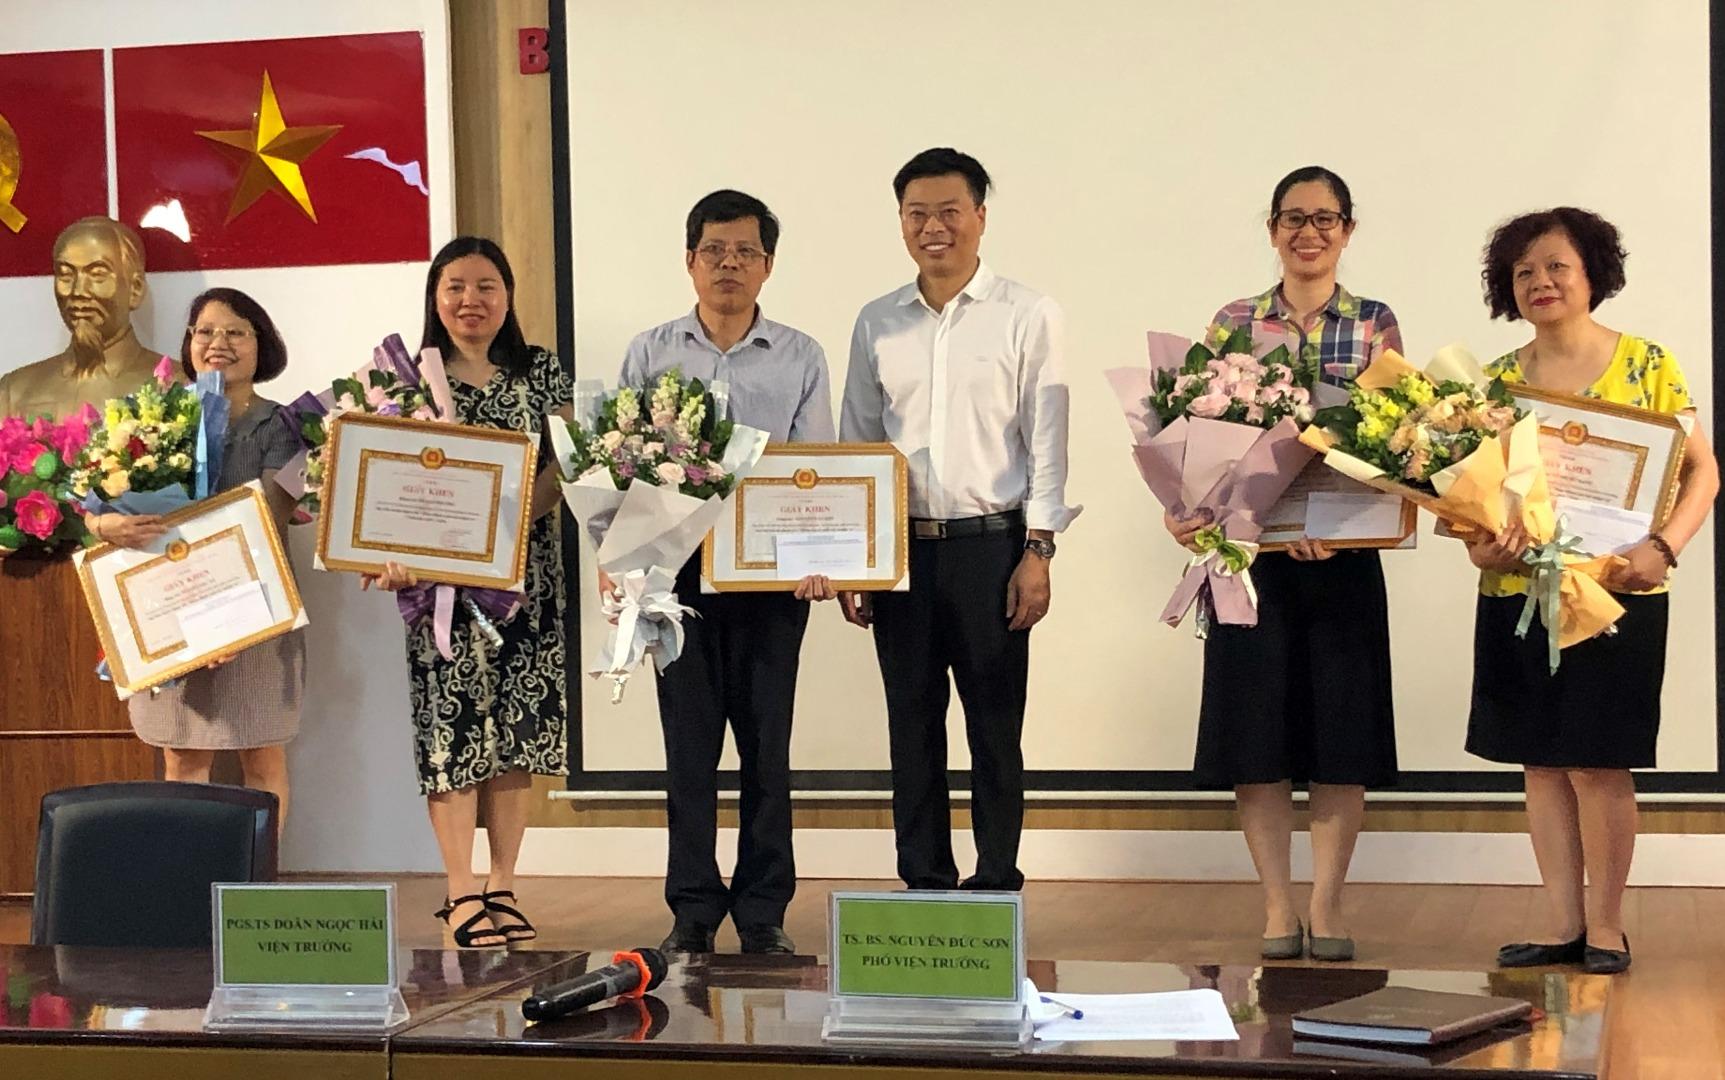 Khen thưởng các Đảng viên hoàn thành xuất sắc nhiệm vụ 05 năm liền (2015-2019)